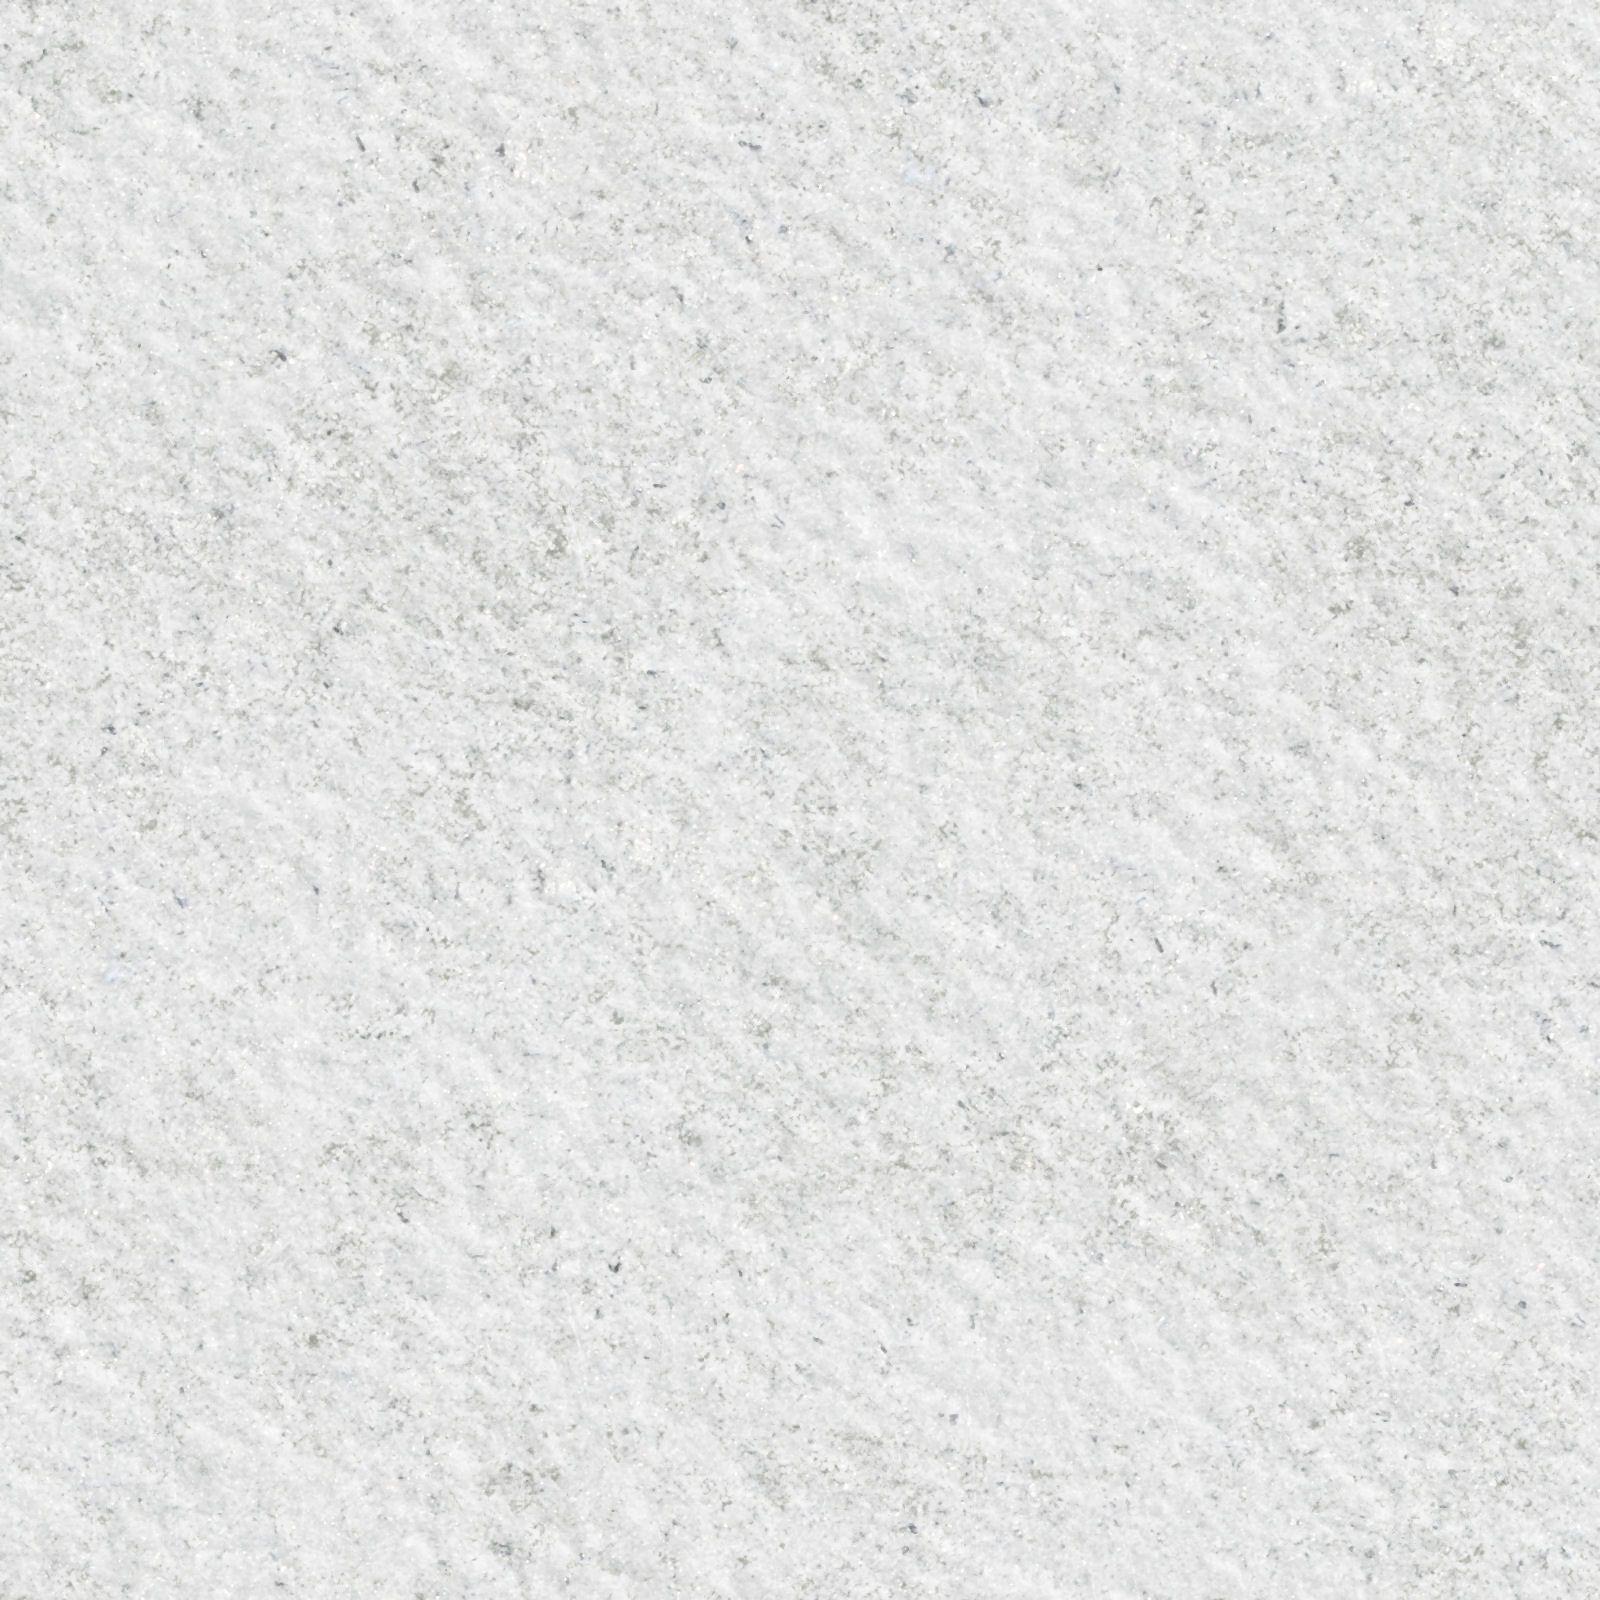 white carpet texture seamlessfree seamless textures free seamless ground  textures dzdriqj DHYAYWE